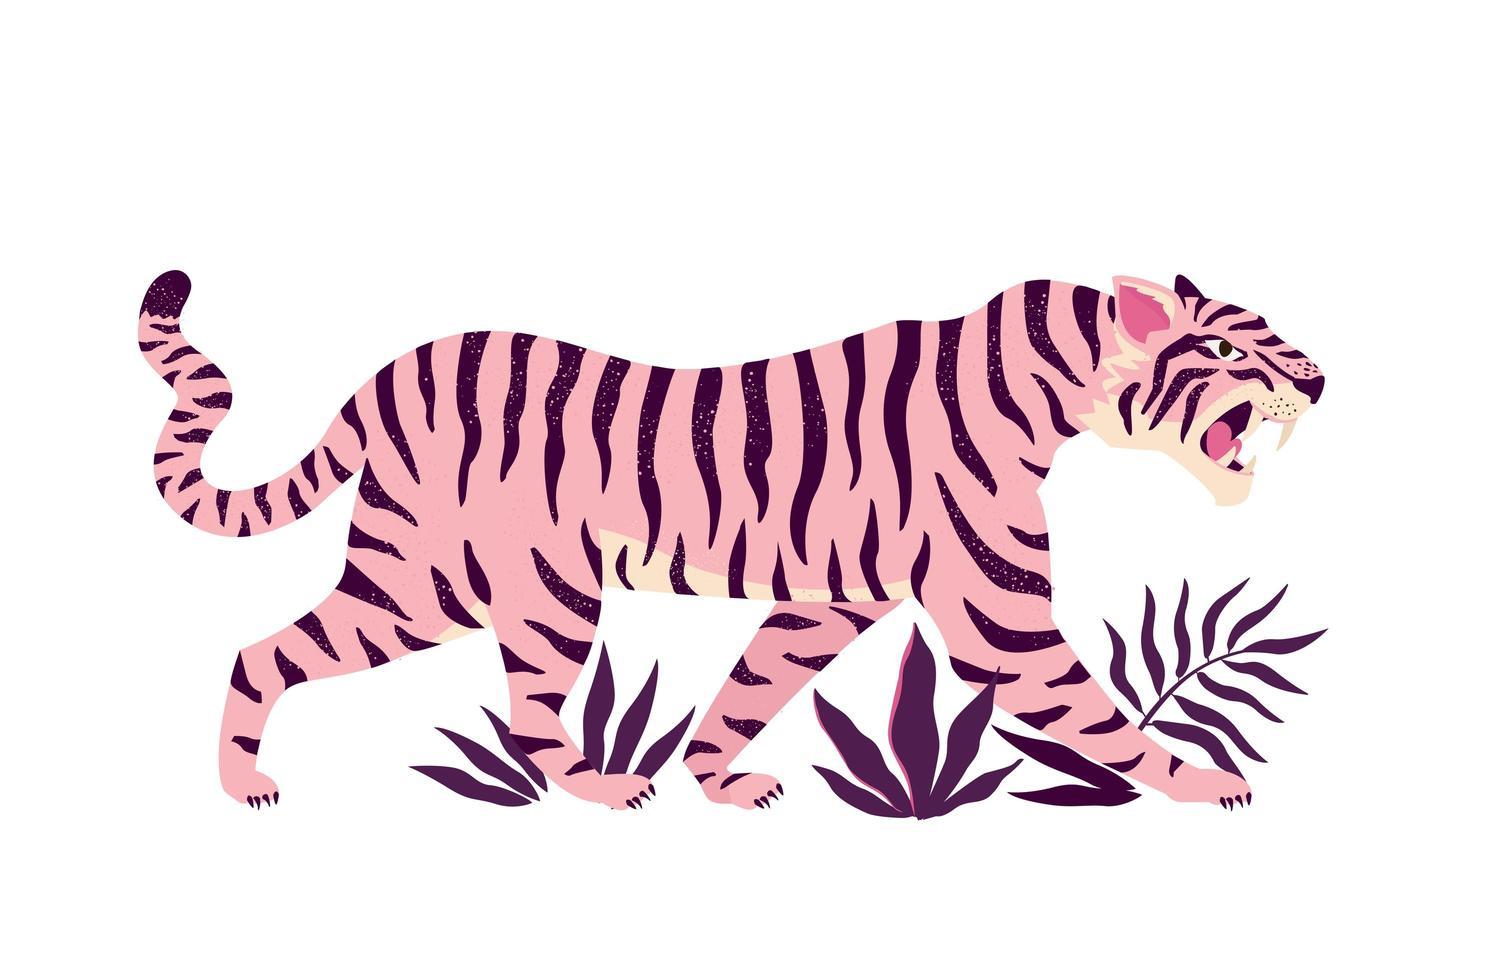 tigre y hojas tropicales. ilustración vectorial de moda. vector